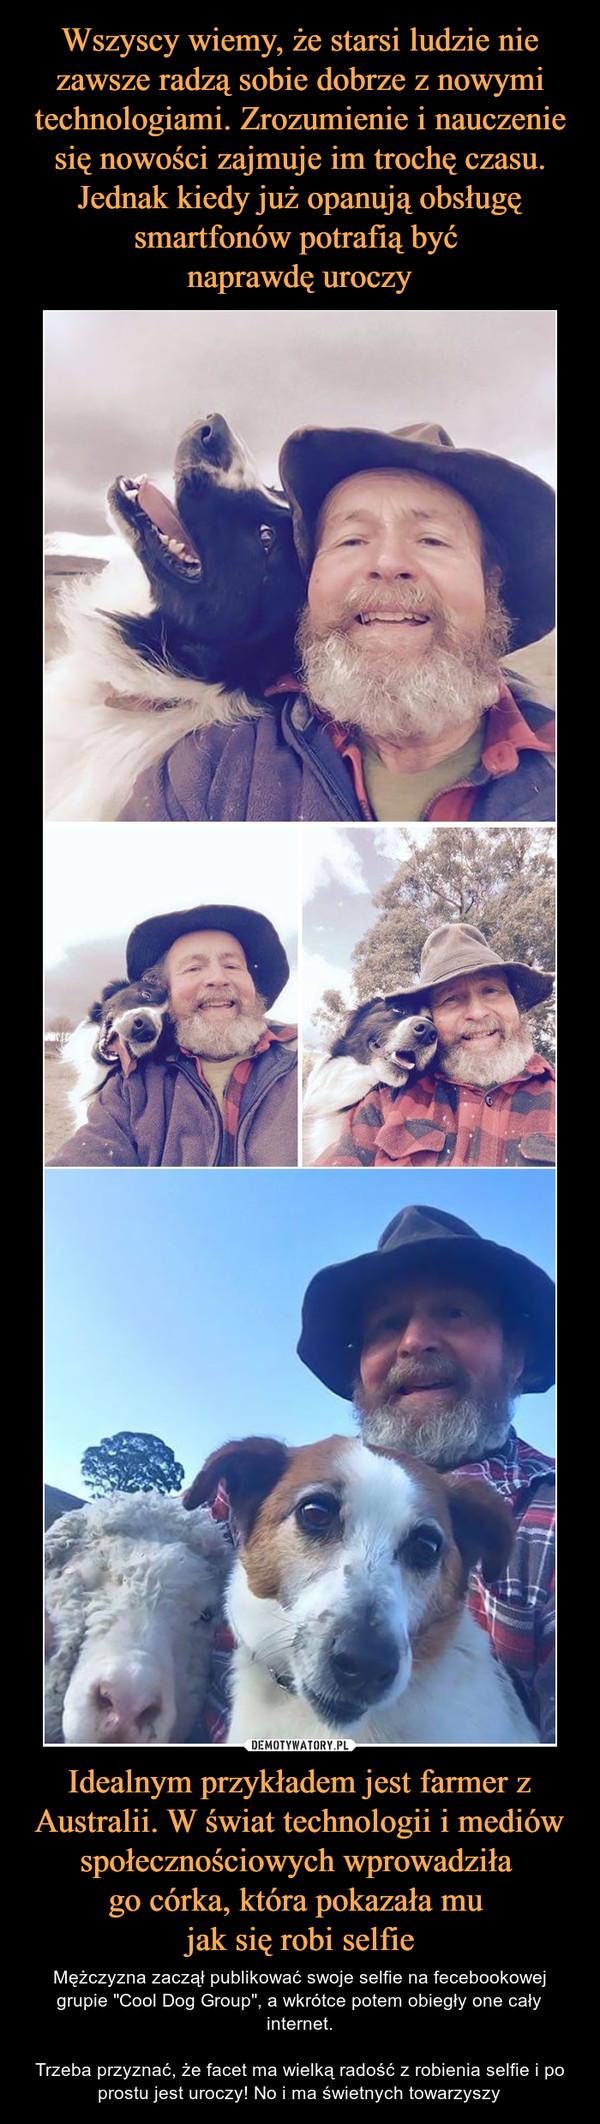 """Idealnym przykładem jest farmer z Australii. W świat technologii i mediów społecznościowych wprowadziła go córka, która pokazała mu jak się robi selfie – Mężczyzna zaczął publikować swoje selfie na fecebookowej grupie """"Cool Dog Group"""", a wkrótce potem obiegły one cały internet.Trzeba przyznać, że facet ma wielką radość z robienia selfie i po prostu jest uroczy! No i ma świetnych towarzyszy"""